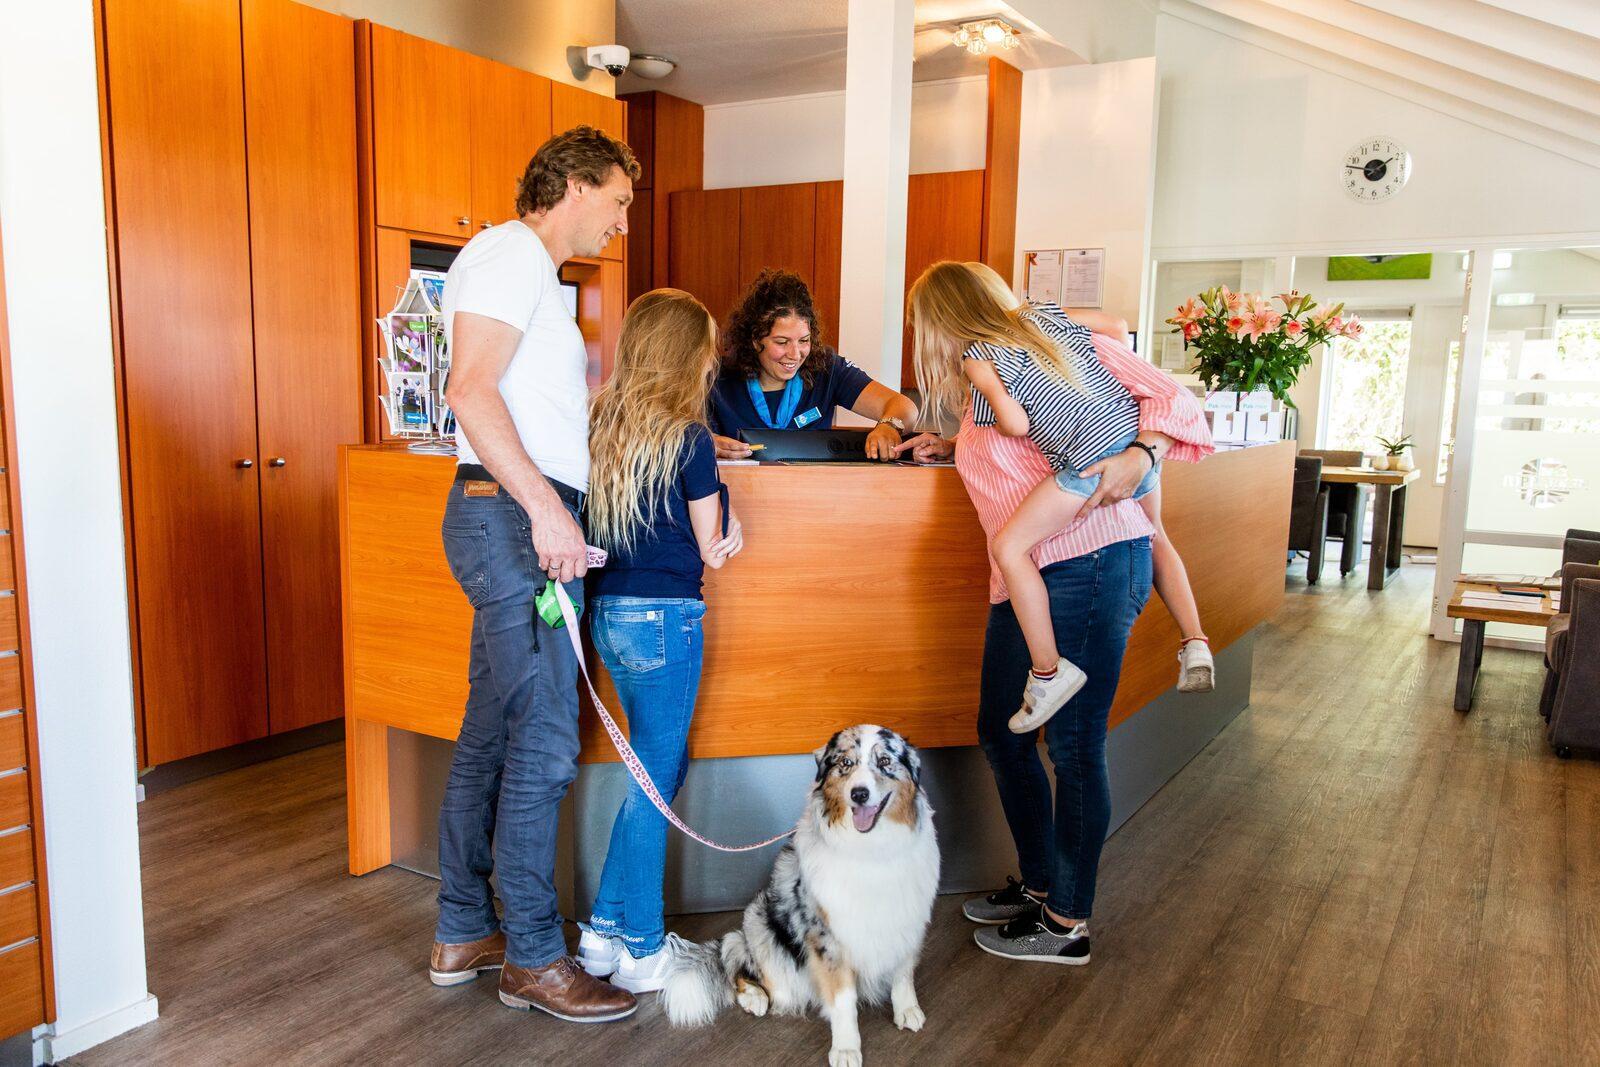 Quatre destinations de choix pour des vacances avec votre chien aux Pays-Bas